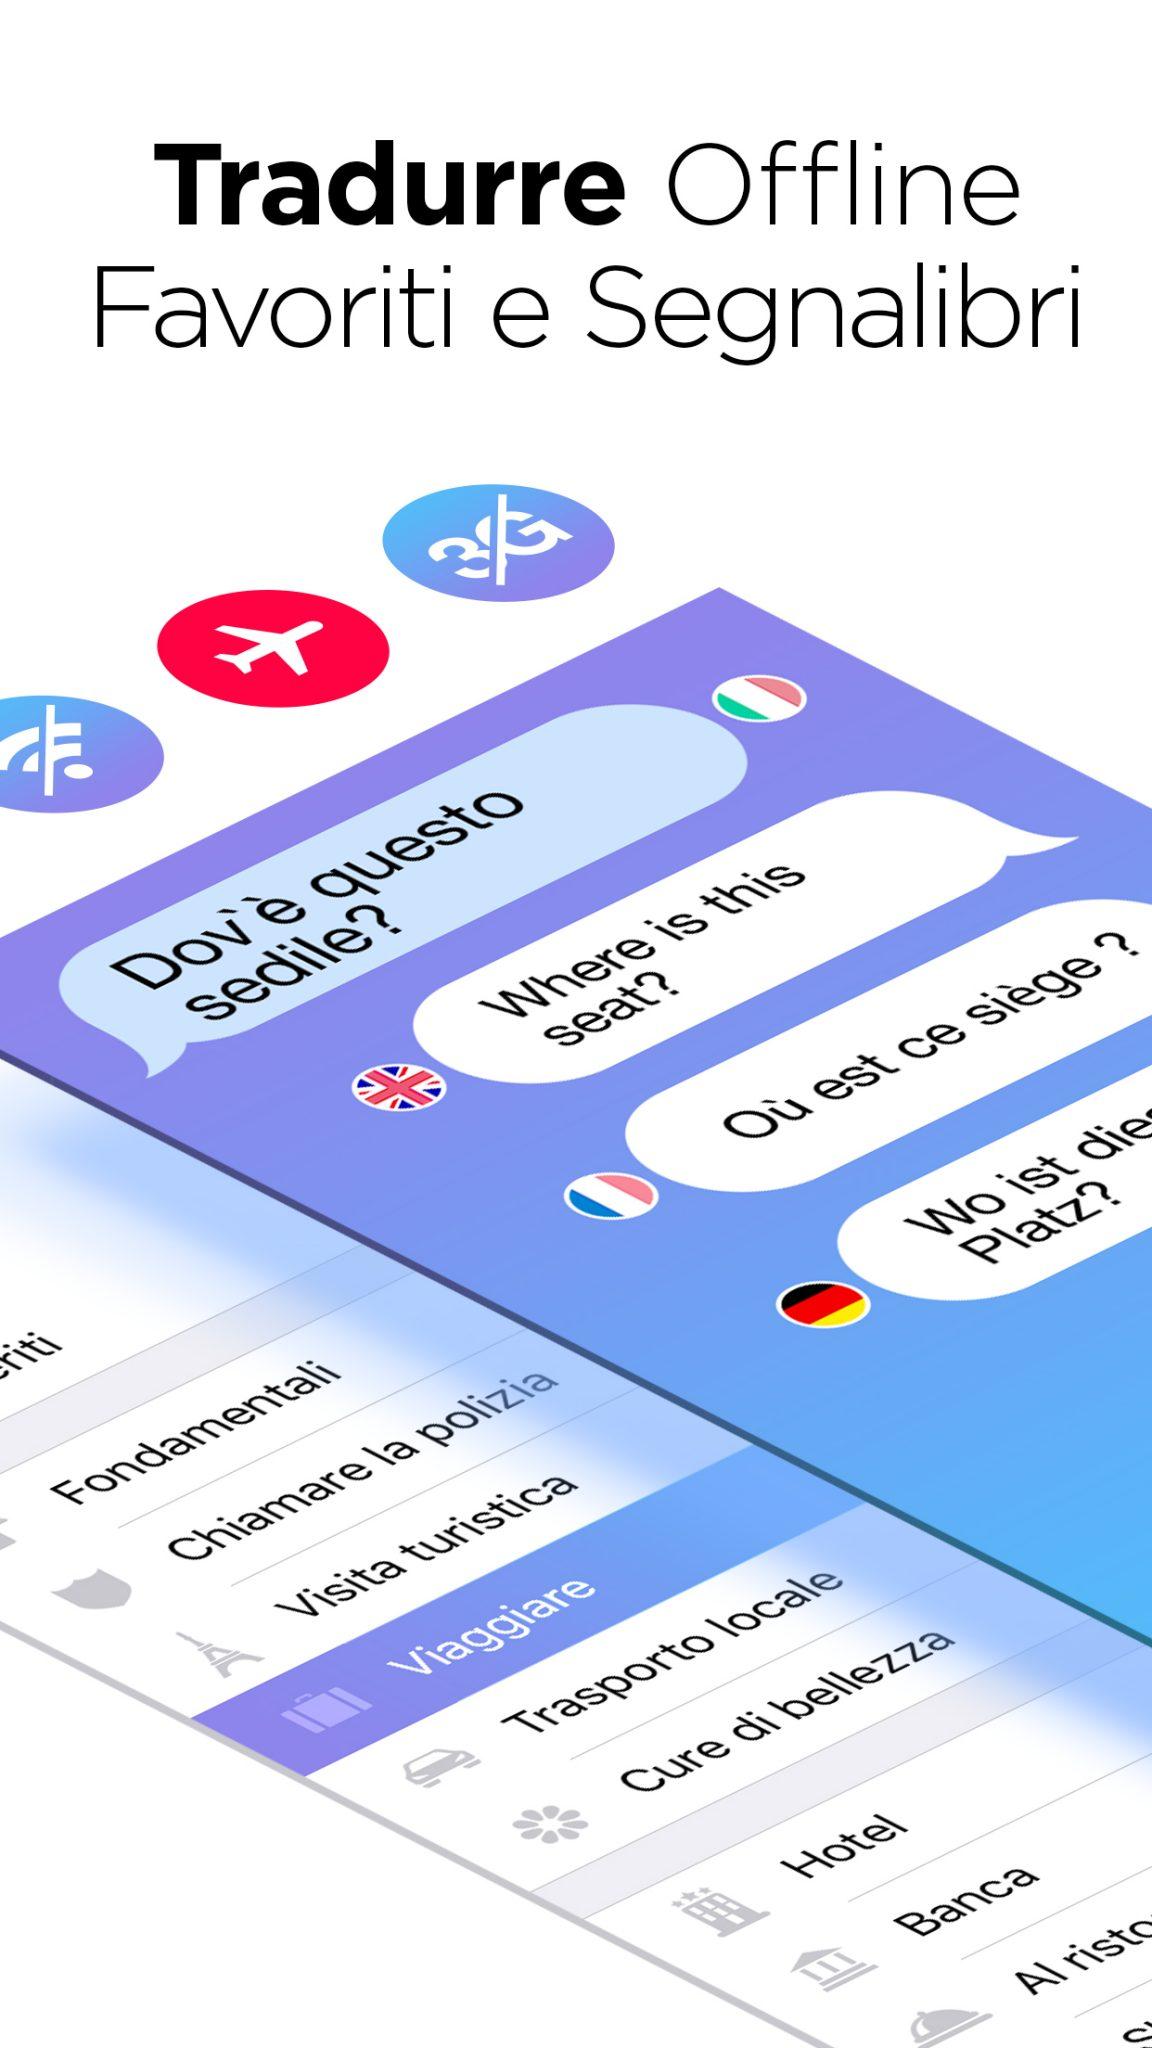 Traduttore vocale parla e traduci for Traduttore apple